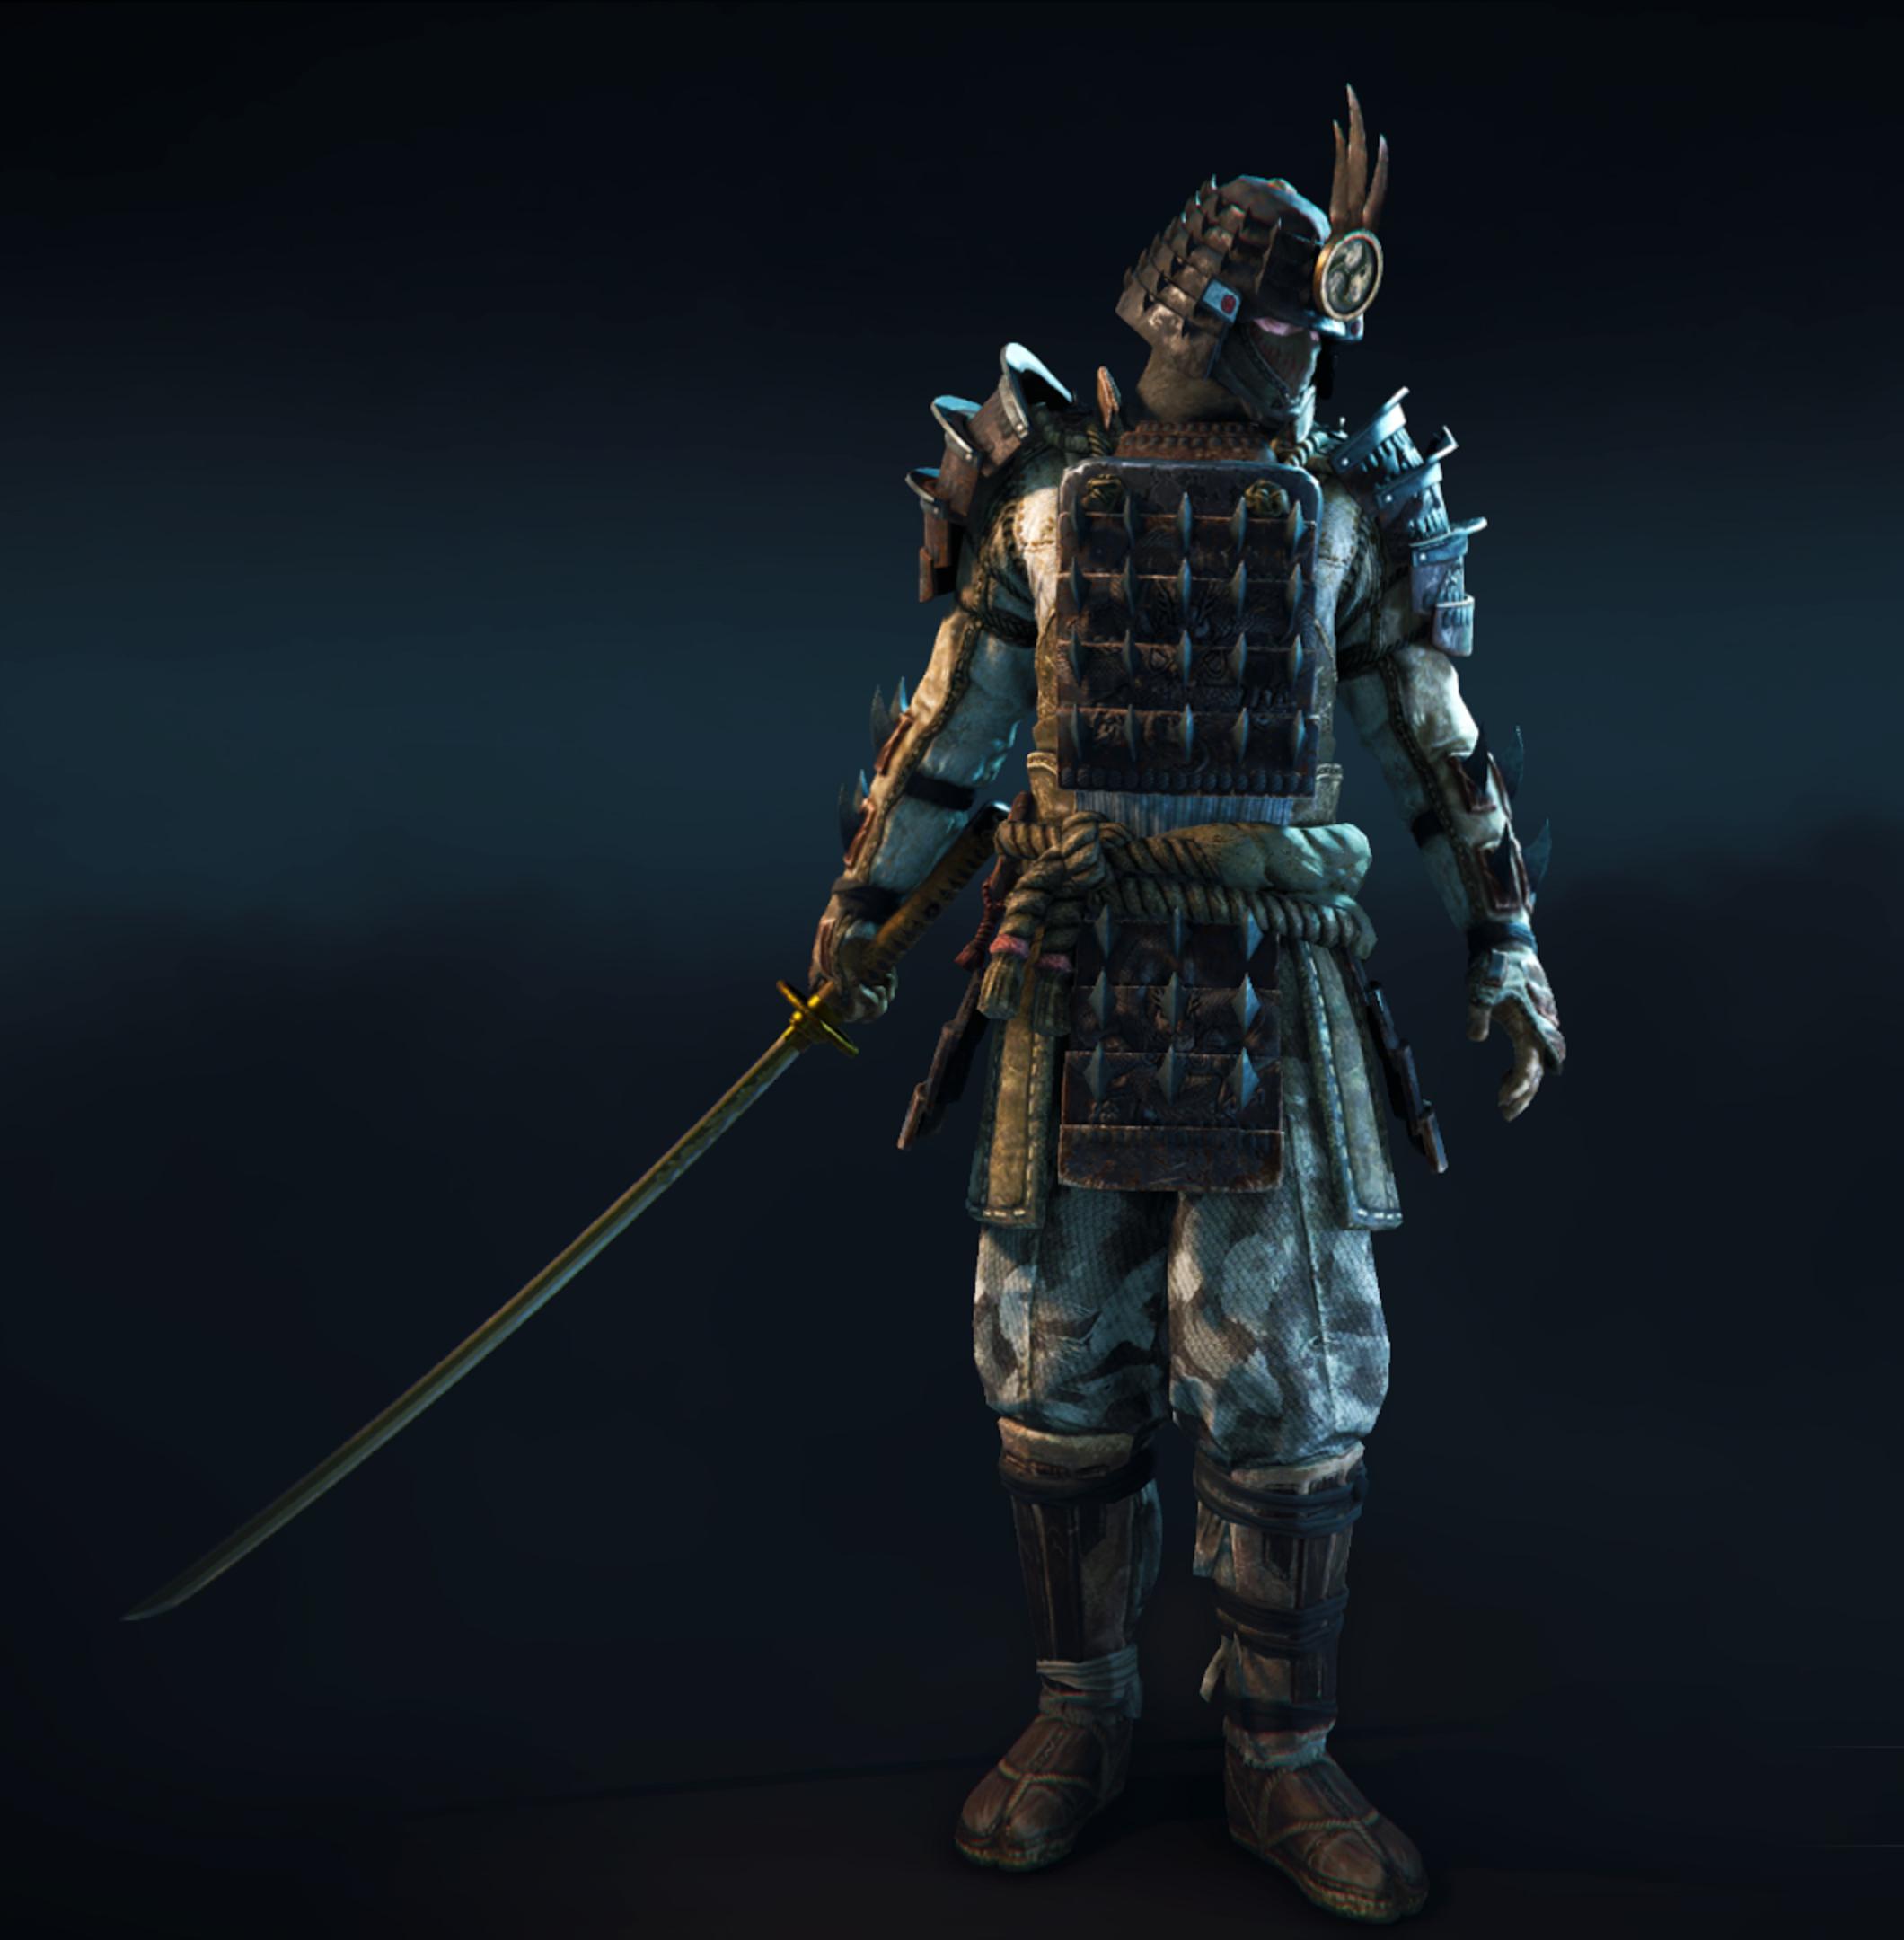 Samurai Orochi: For Honor (Orochi) 4 By Arbiter376 On DeviantArt